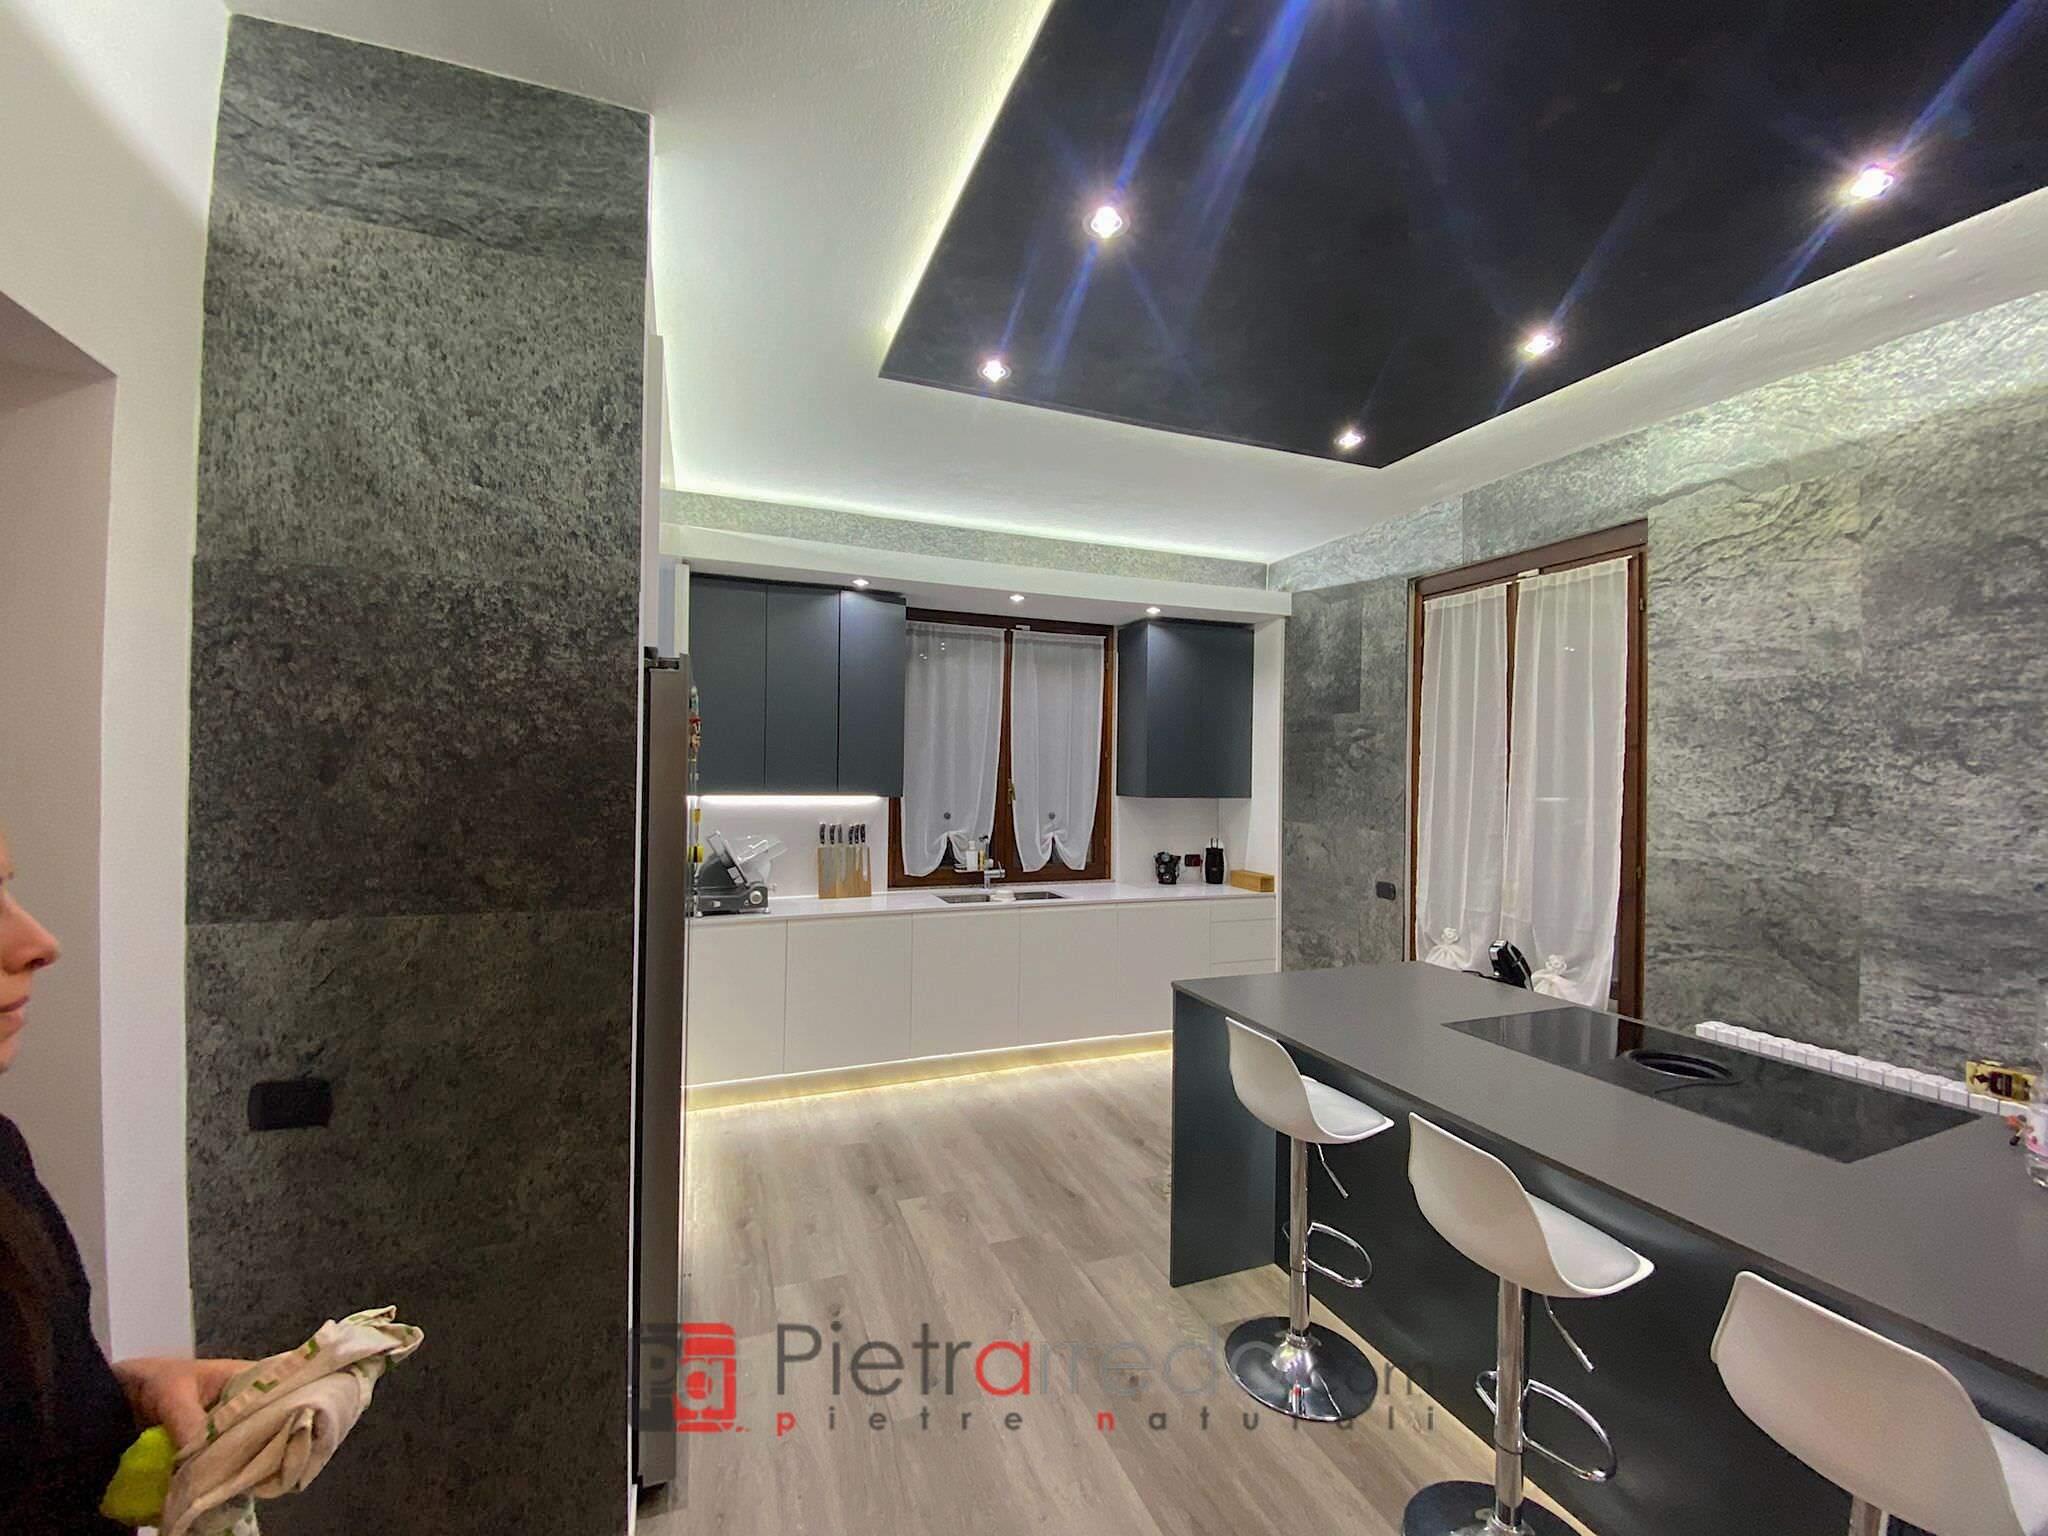 parete cucina mobile rivestita con foglio silver shine stone veener sheet slim pietrarredo milano costo price